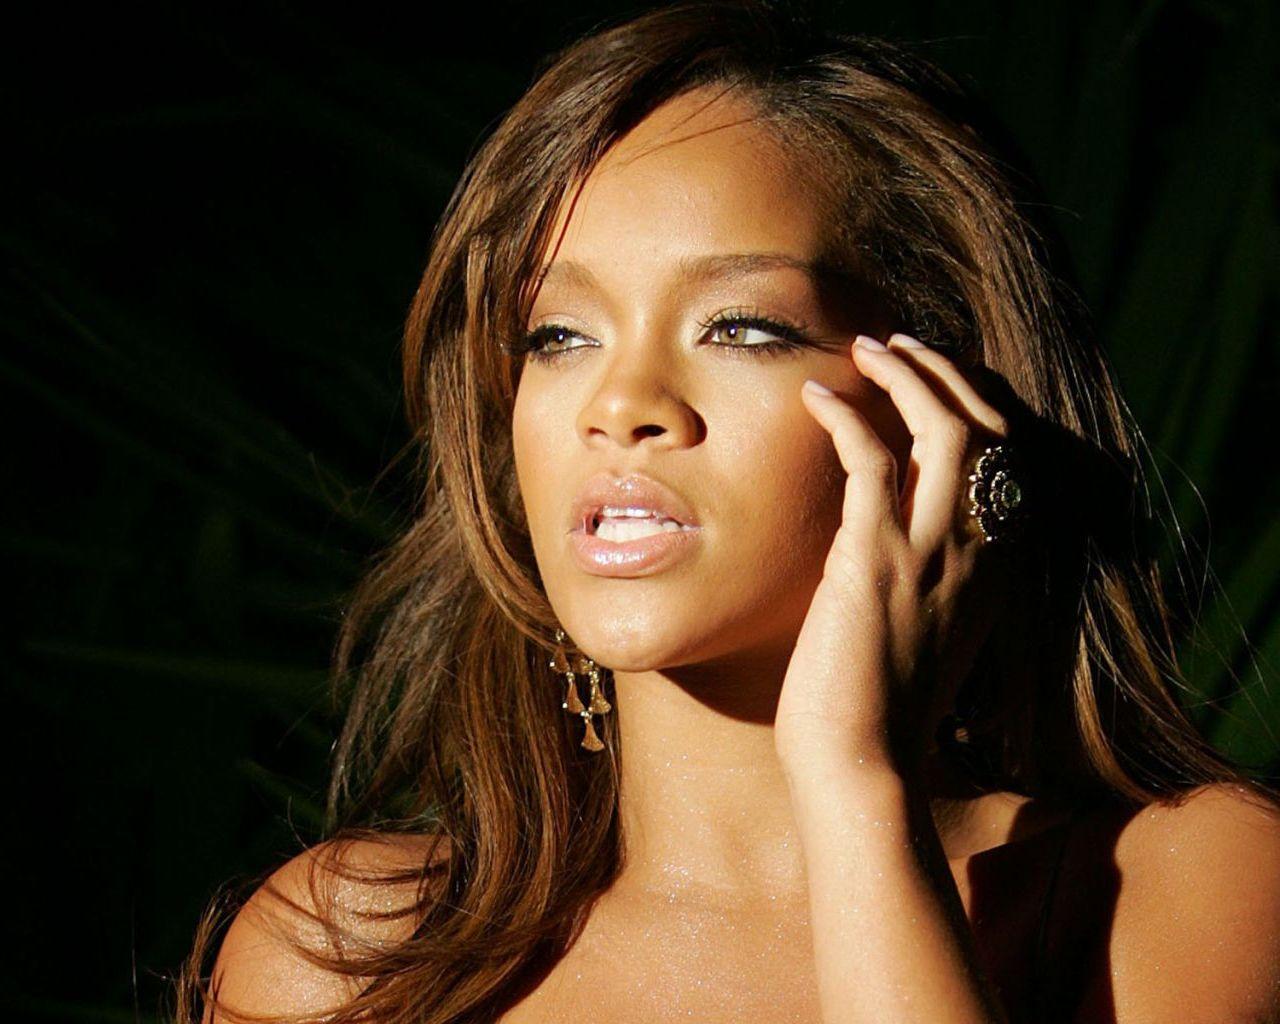 http://1.bp.blogspot.com/-kQe8HfvDiHo/TqASCHM7pAI/AAAAAAAAAk0/bIraxeoF20A/s1600/Rihanna.jpg